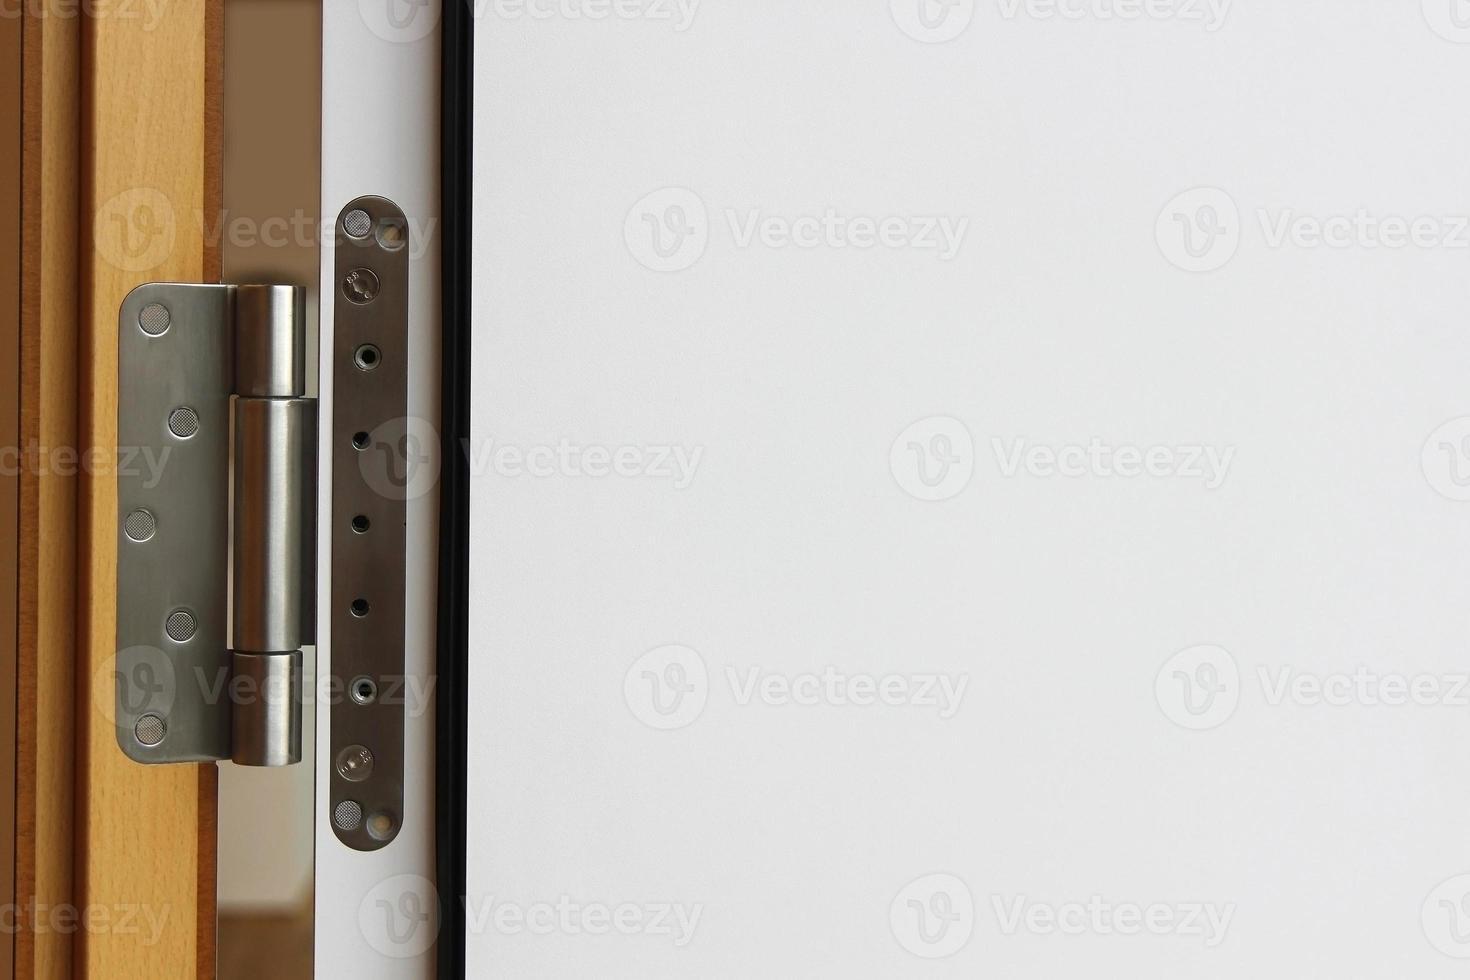 charnière de porte et fragment de vantail comme espace de copie photo